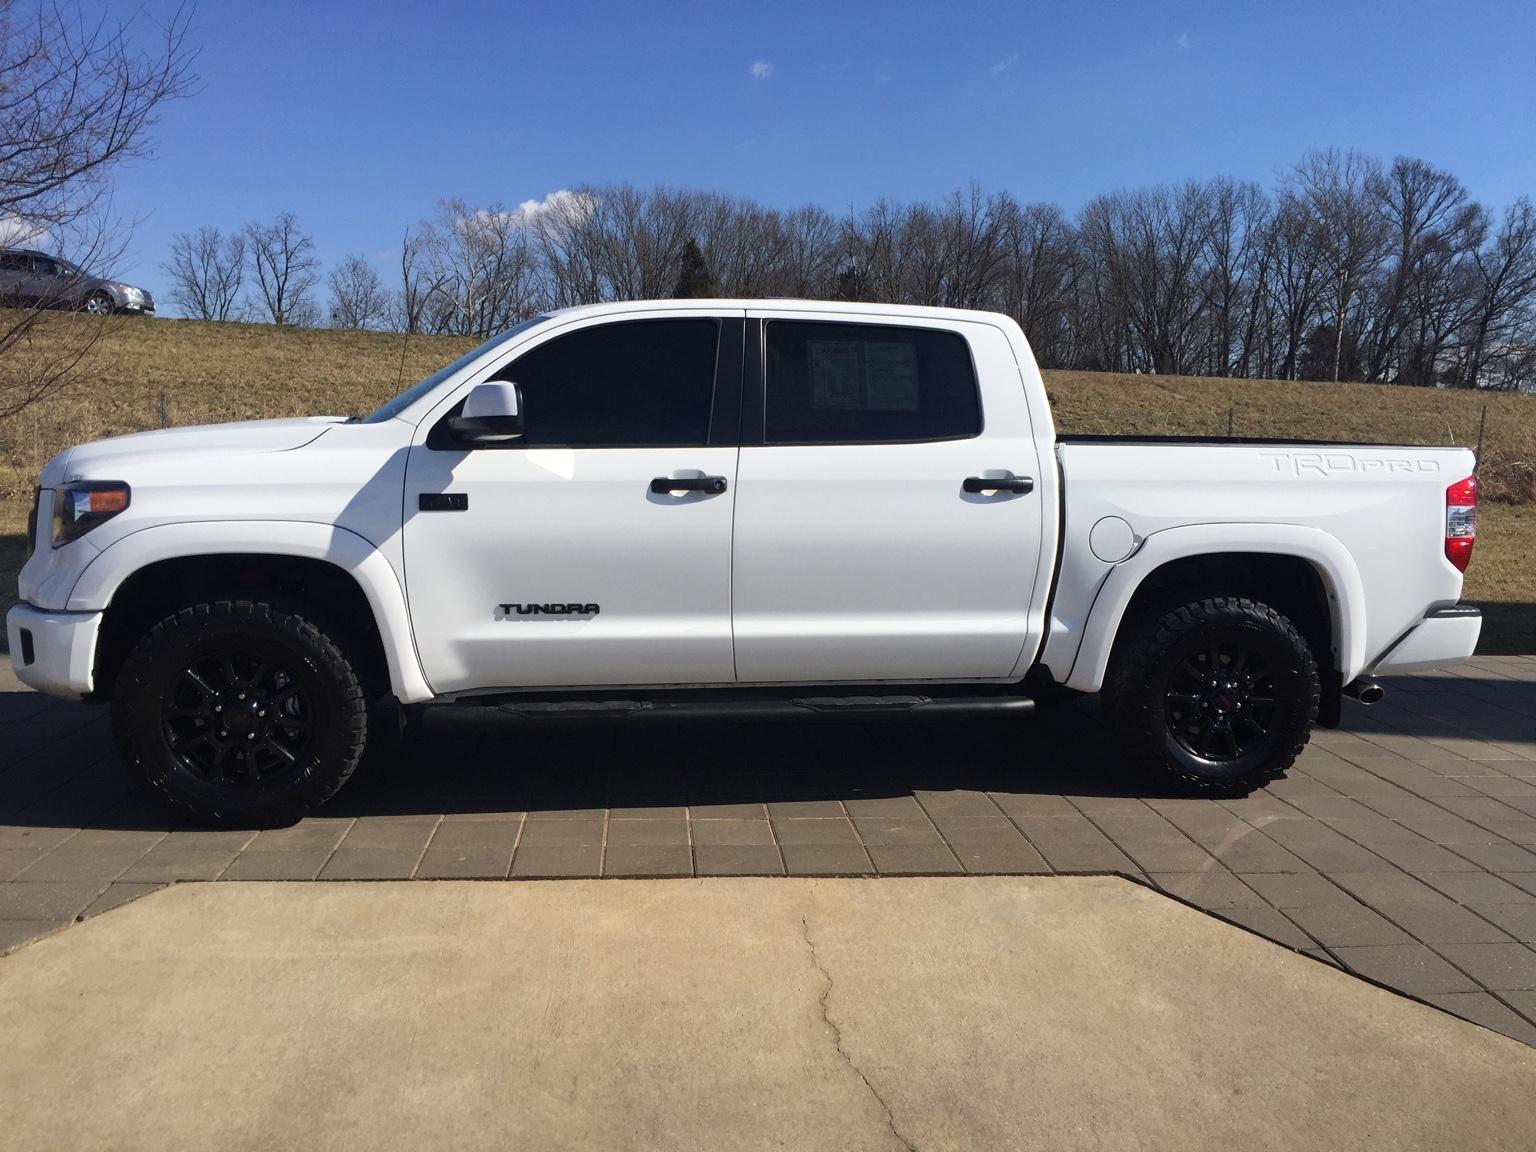 Stevinson Chevrolet Lakewood Co >> Chevy Auto Dealers Denver Co Chevrolet Car Truck Dealership.html | Autos Weblog